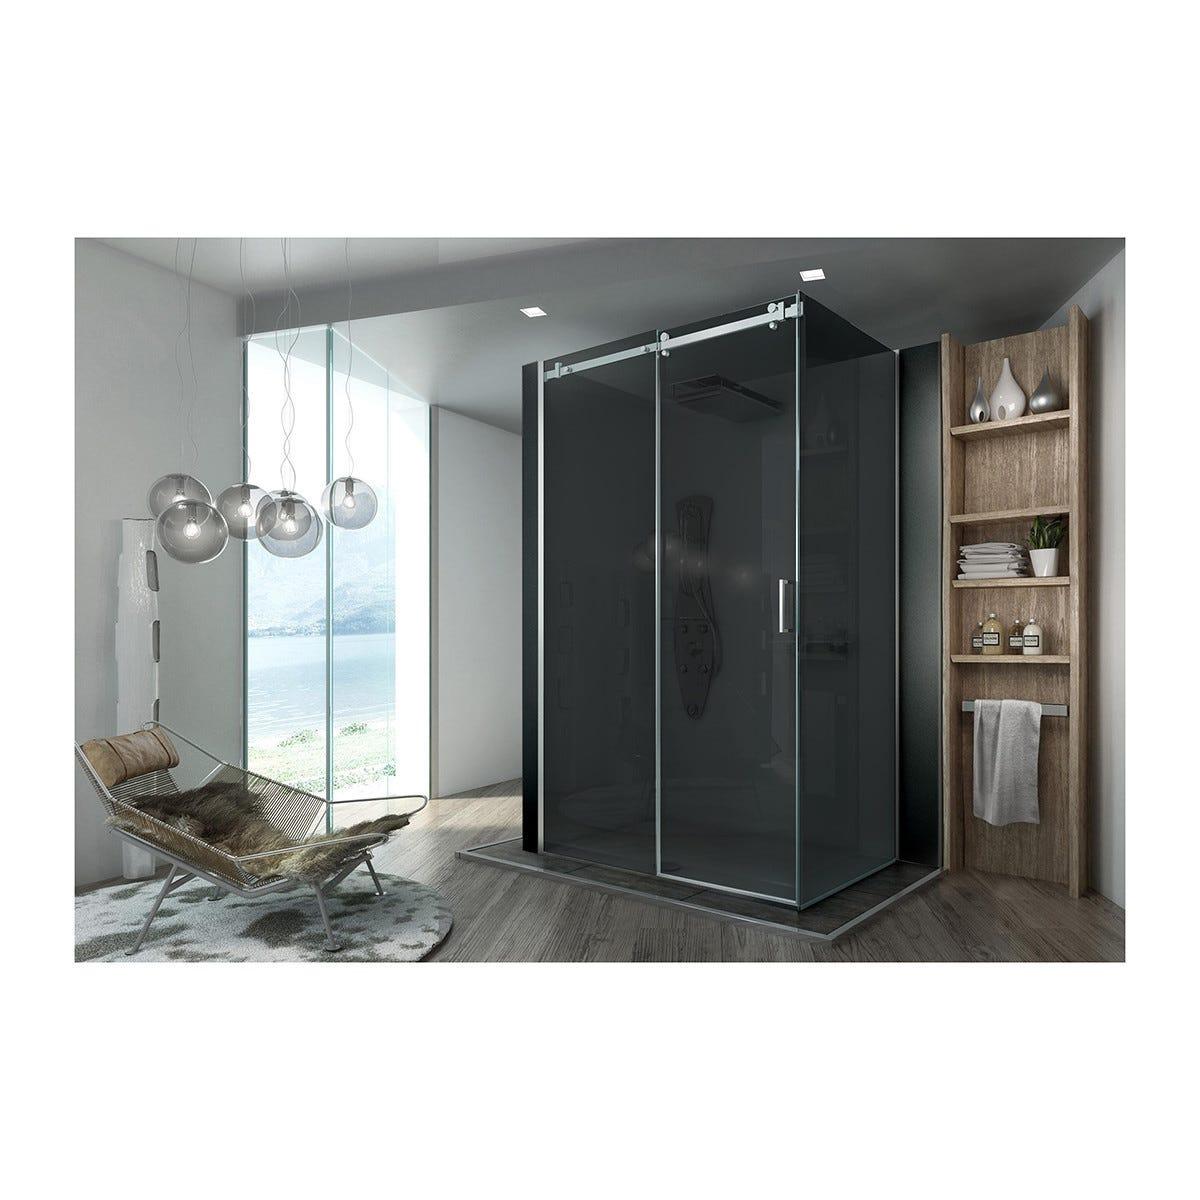 porta doccia roller scorrevole 137-139,5 h200cm vetro temperato  8mm fume'  profili cromati